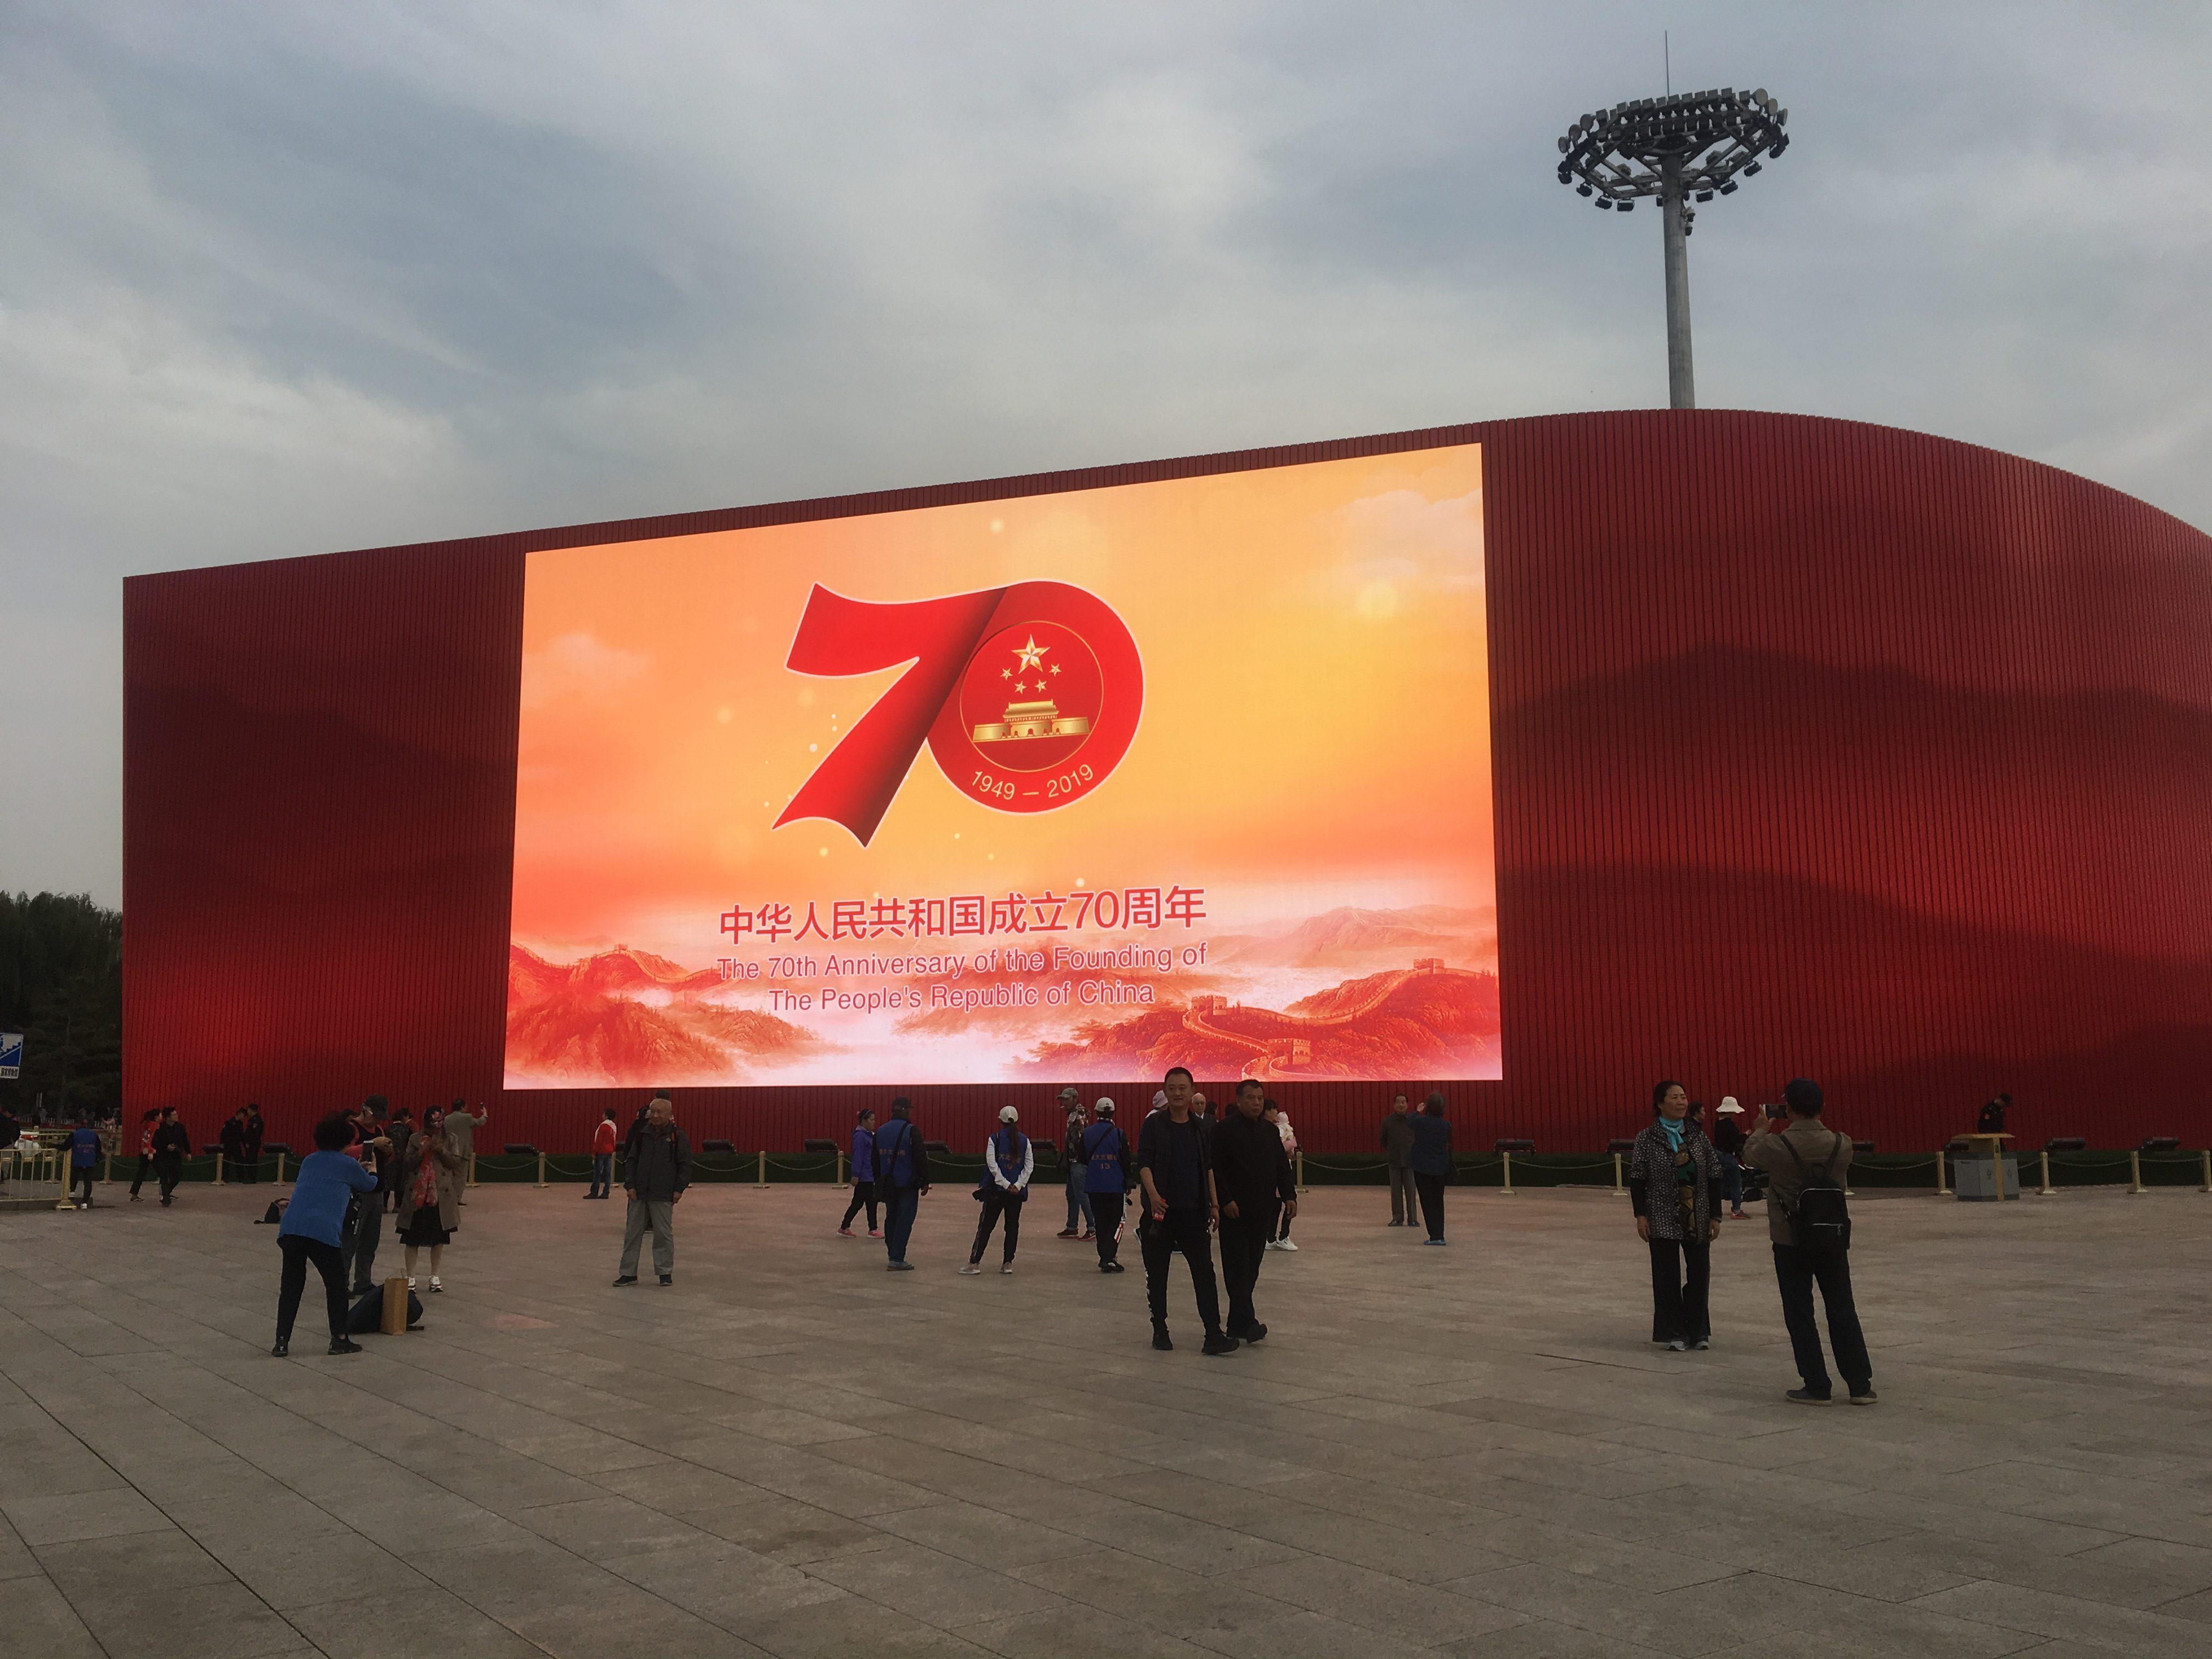 Happy Anniversary, China